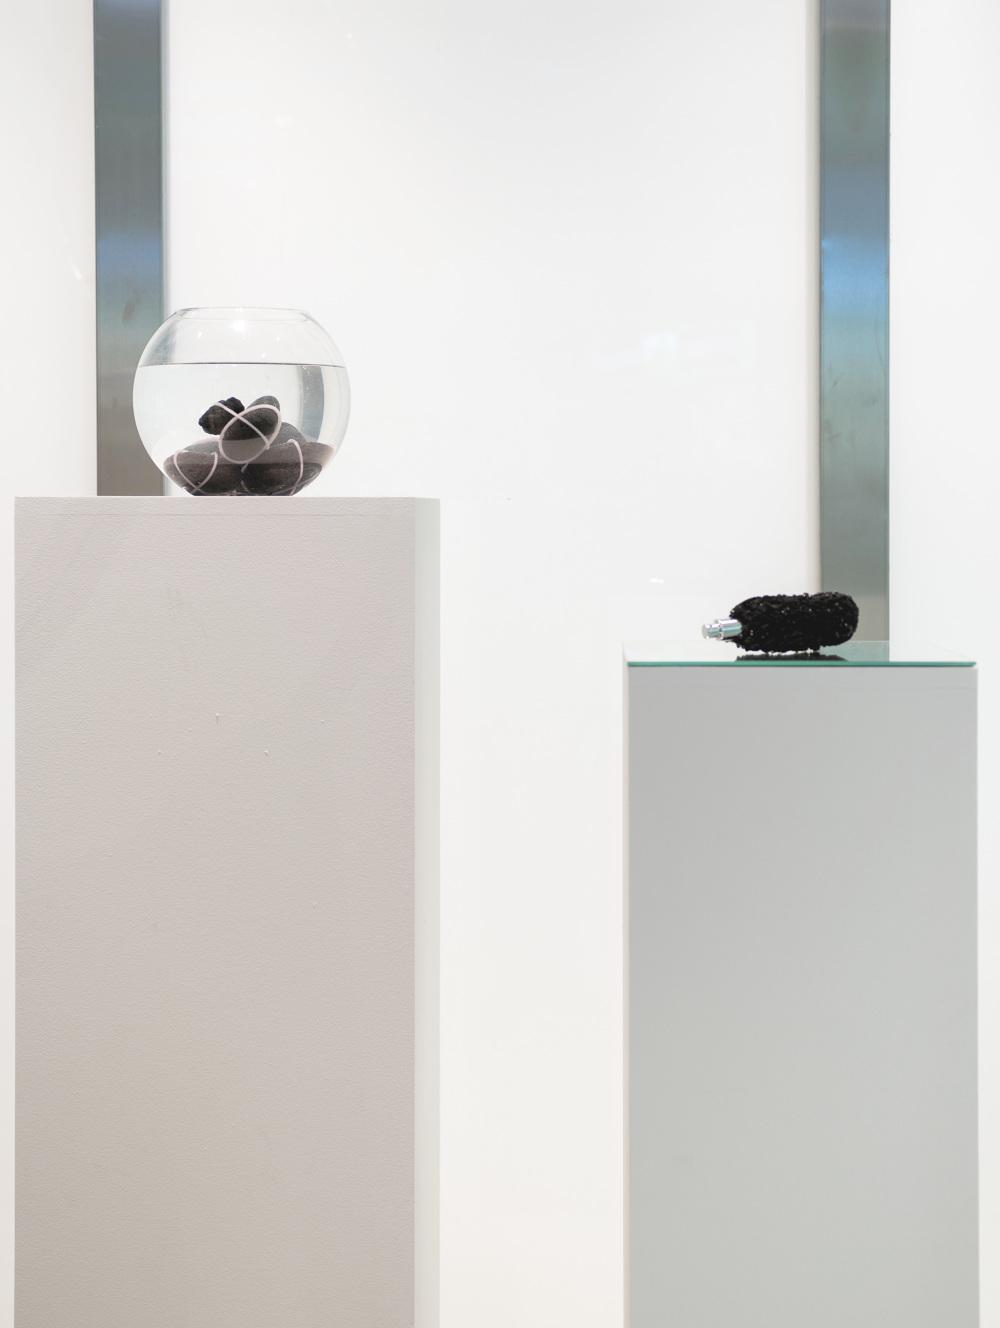 Beata Wilczek, Marlene Huissoud, Perfumy zlawy, 7x10cm, 2015